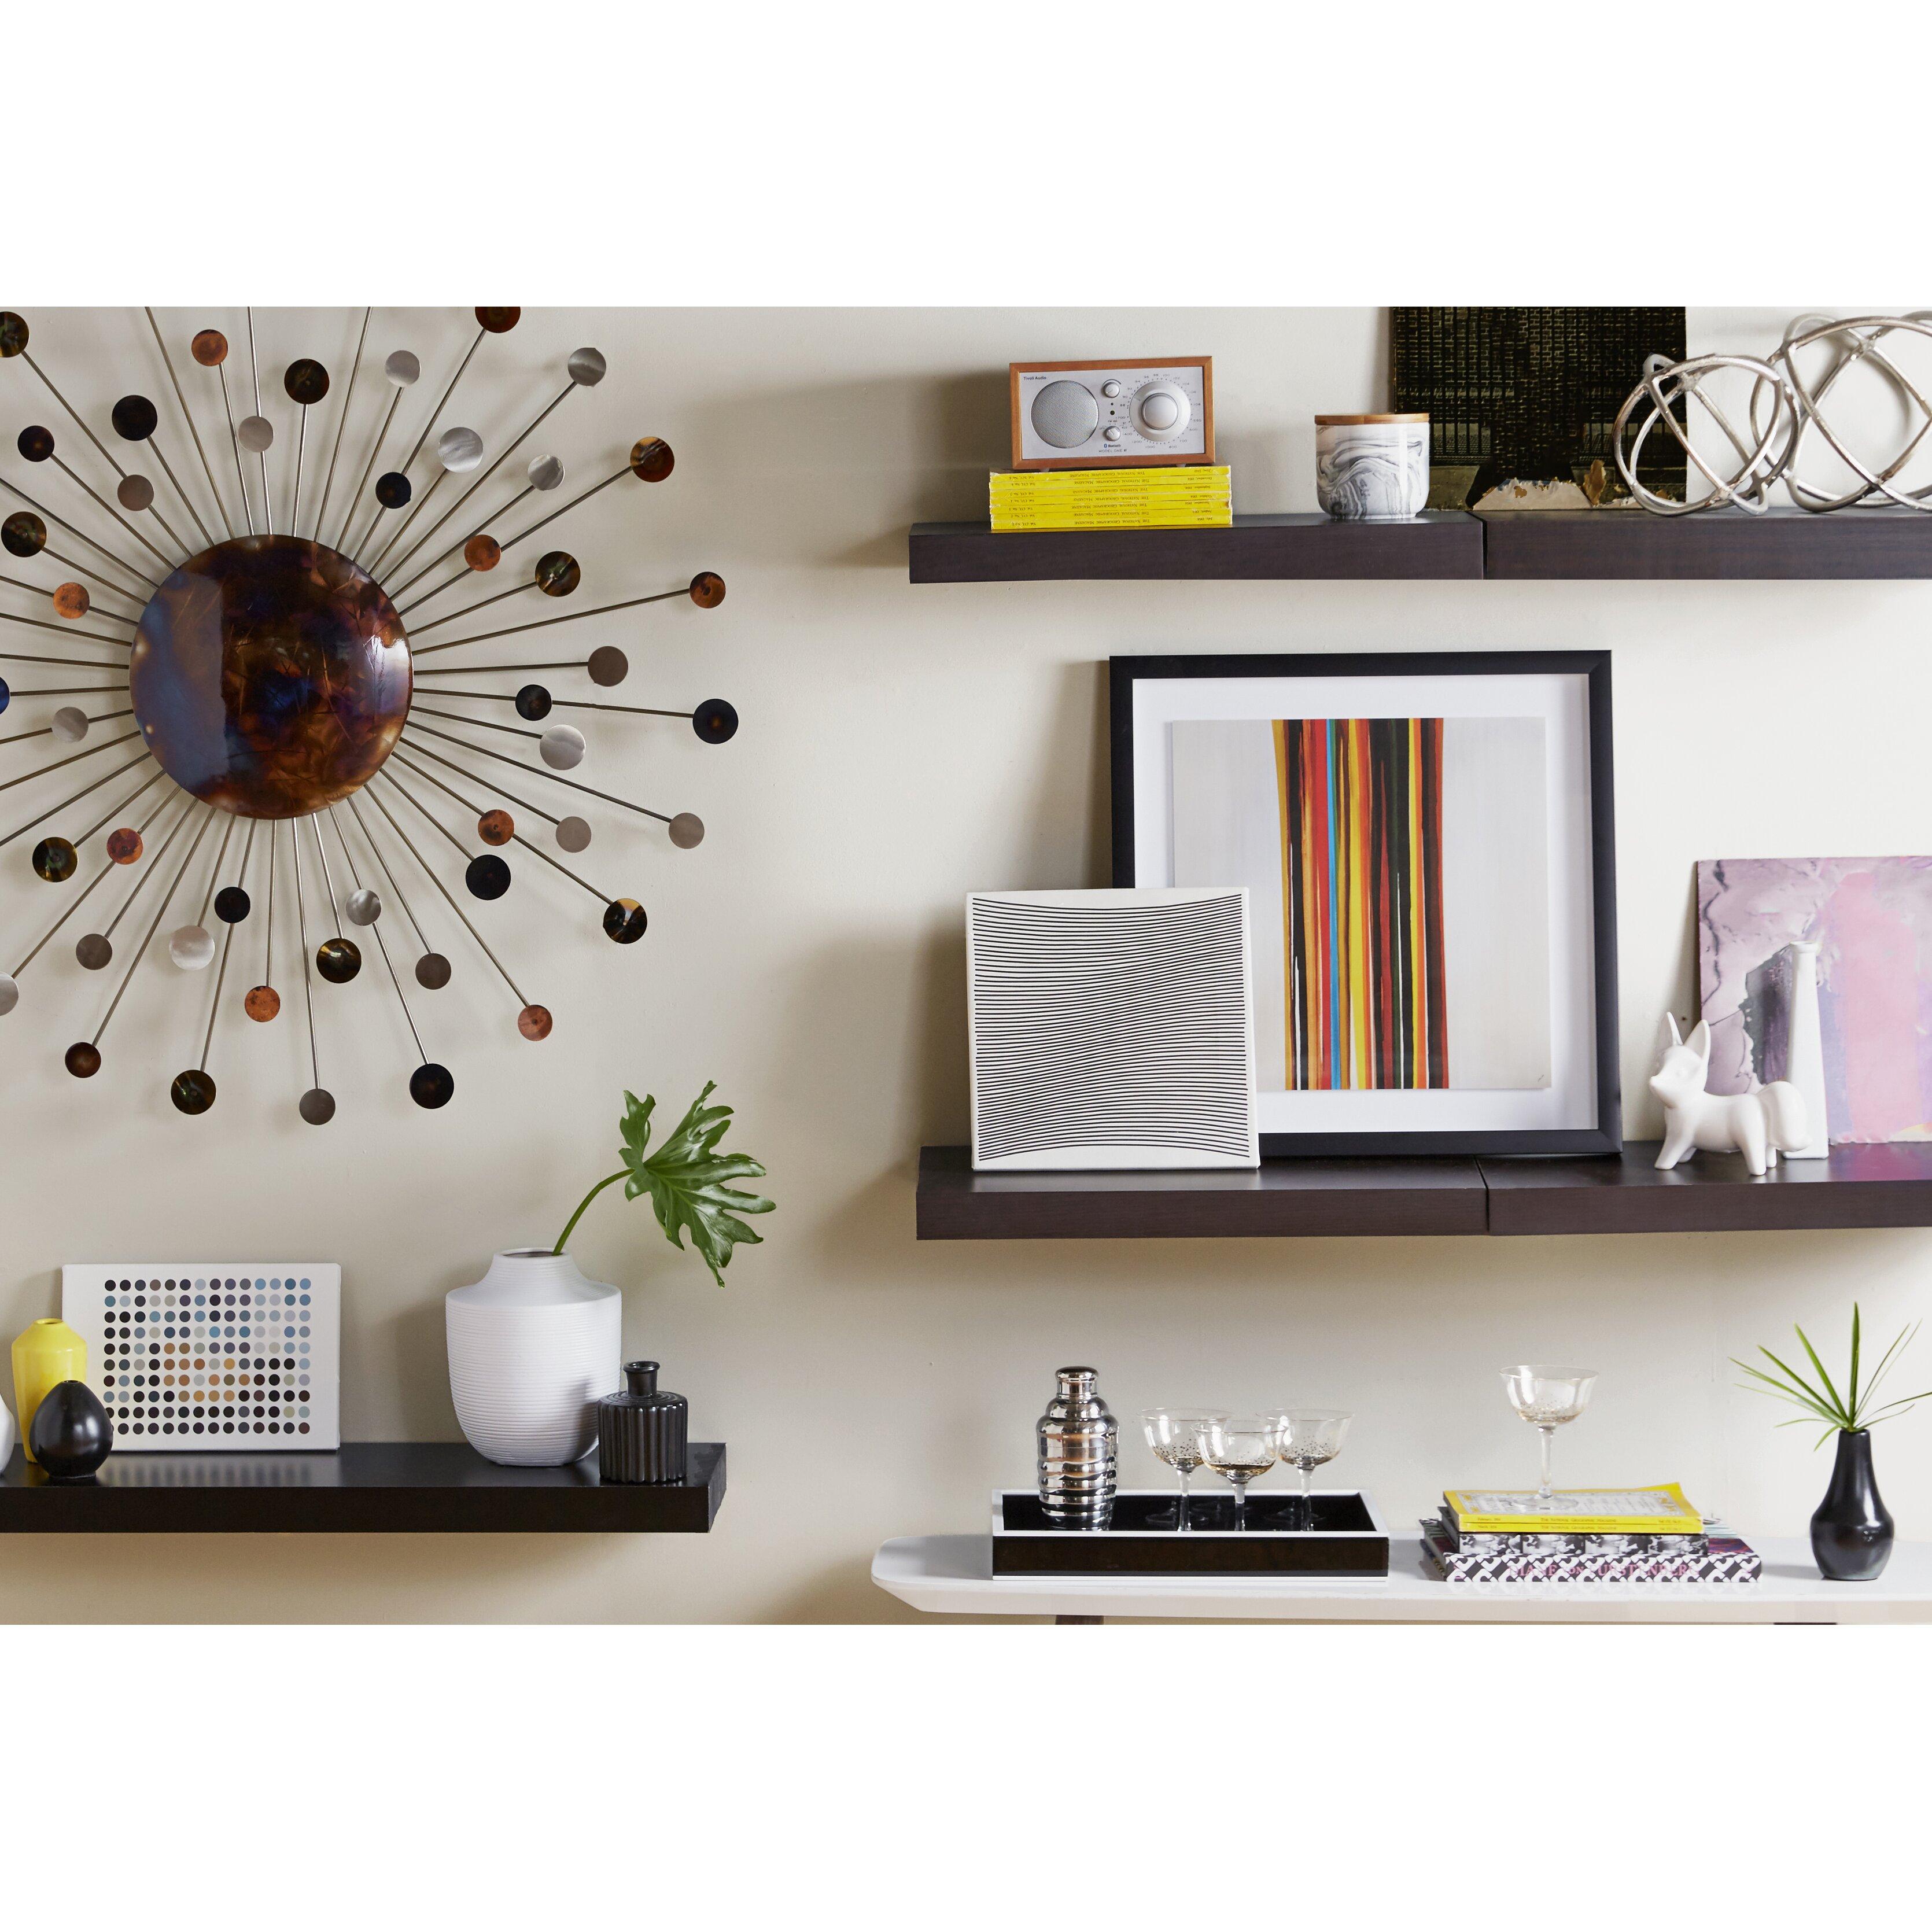 Woodland Home Decor Chicago Floating Shelf Reviews Wayfair Home Decorators Catalog Best Ideas of Home Decor and Design [homedecoratorscatalog.us]